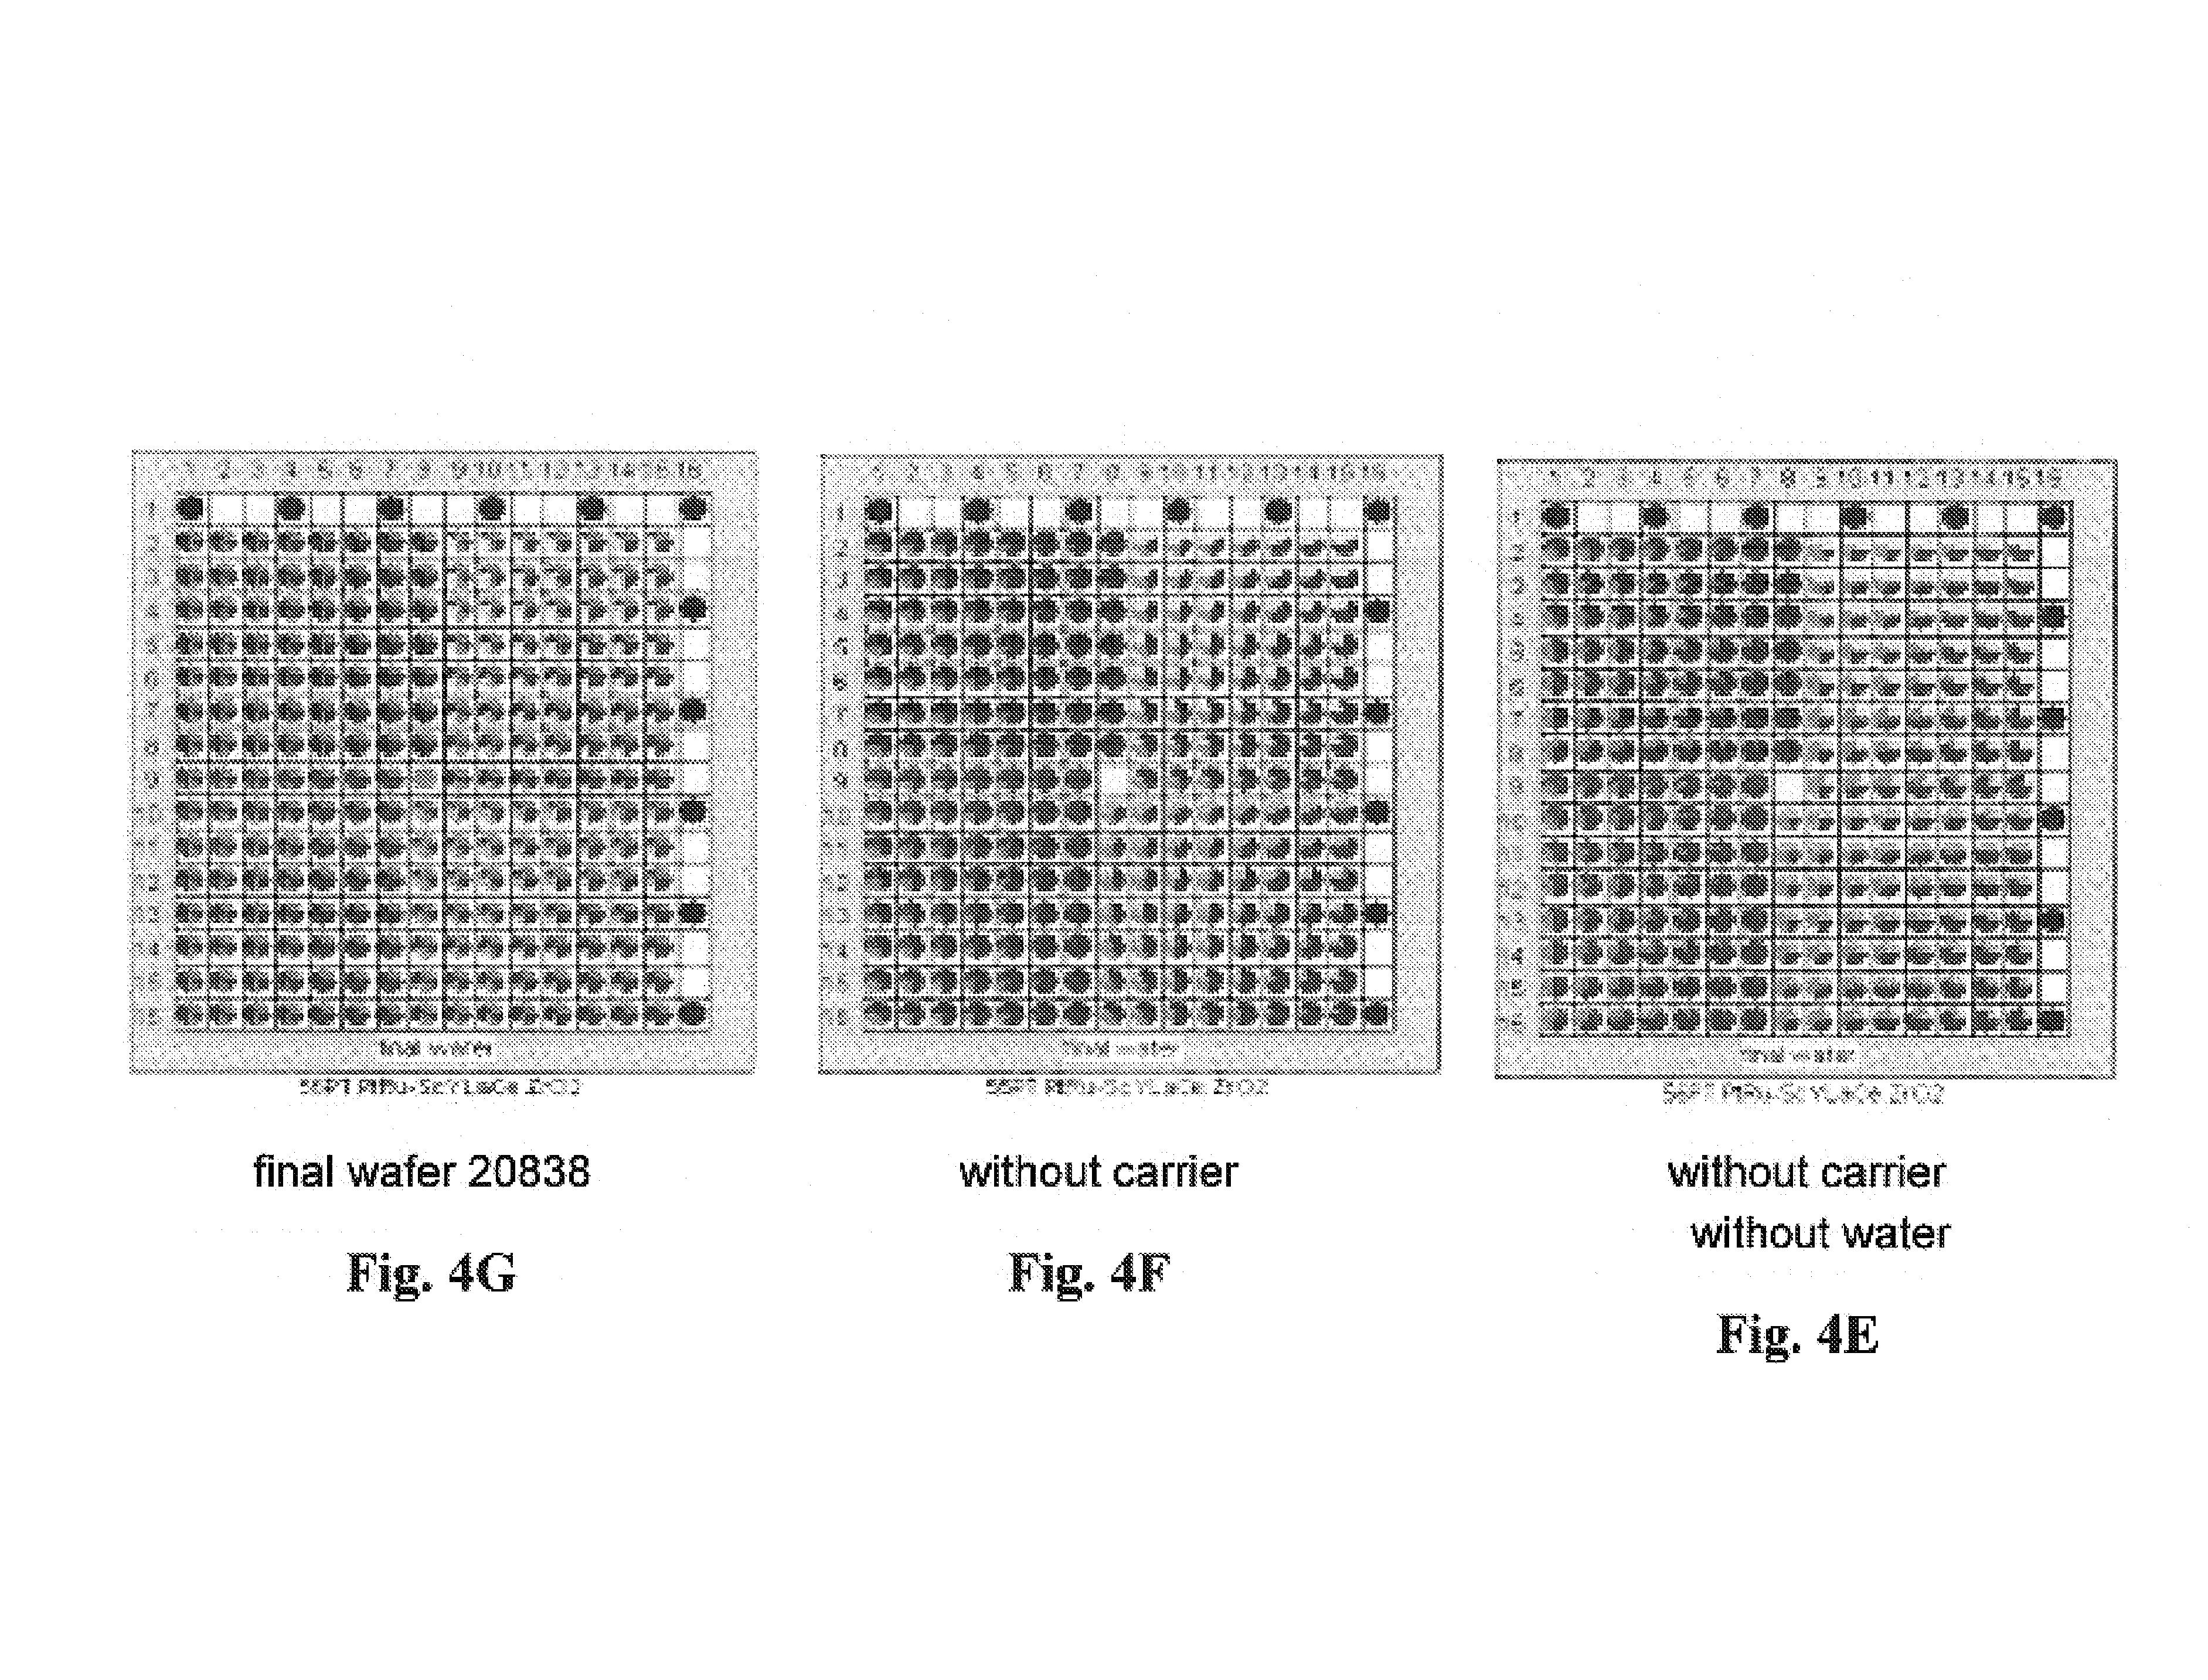 US7160533B2 - Platinum-ruthenium containing catalyst formulations